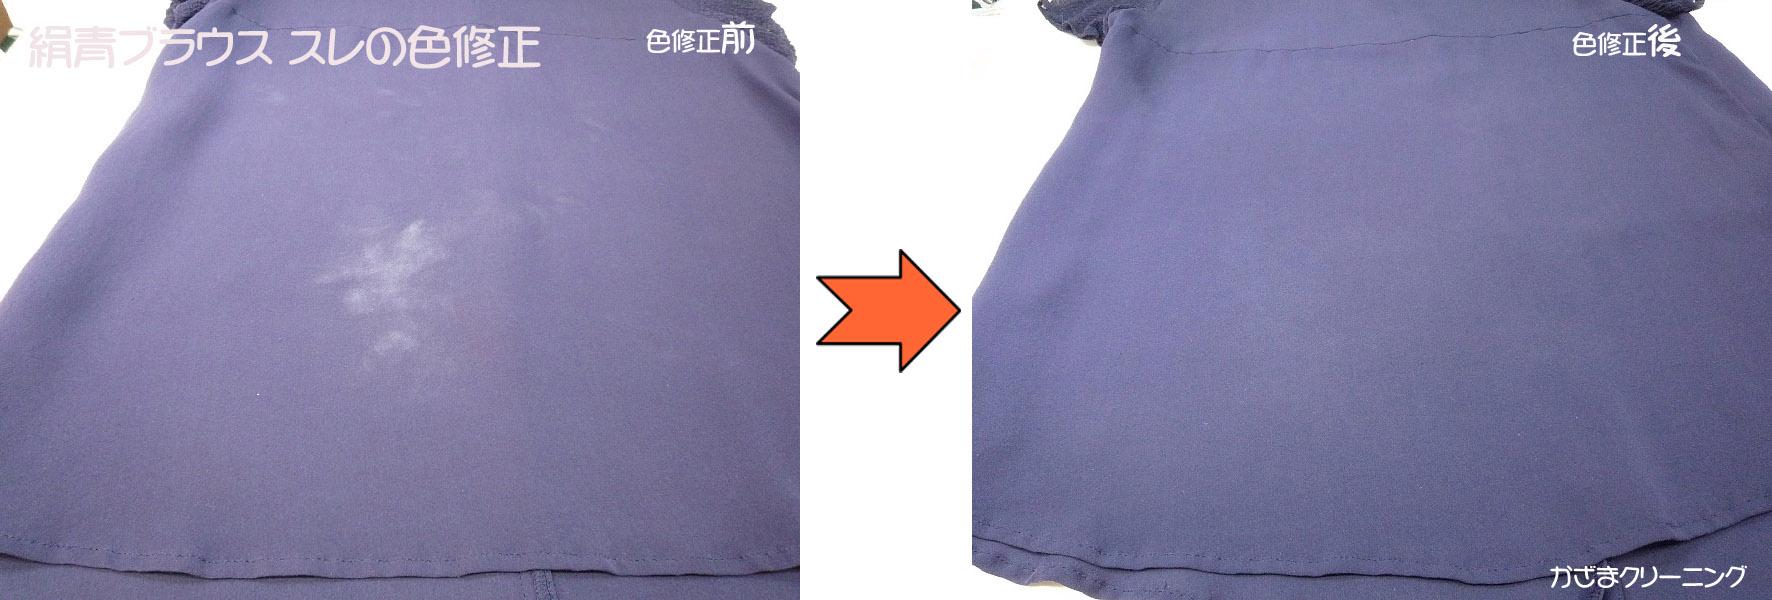 絹青ブラウス スレの色修正